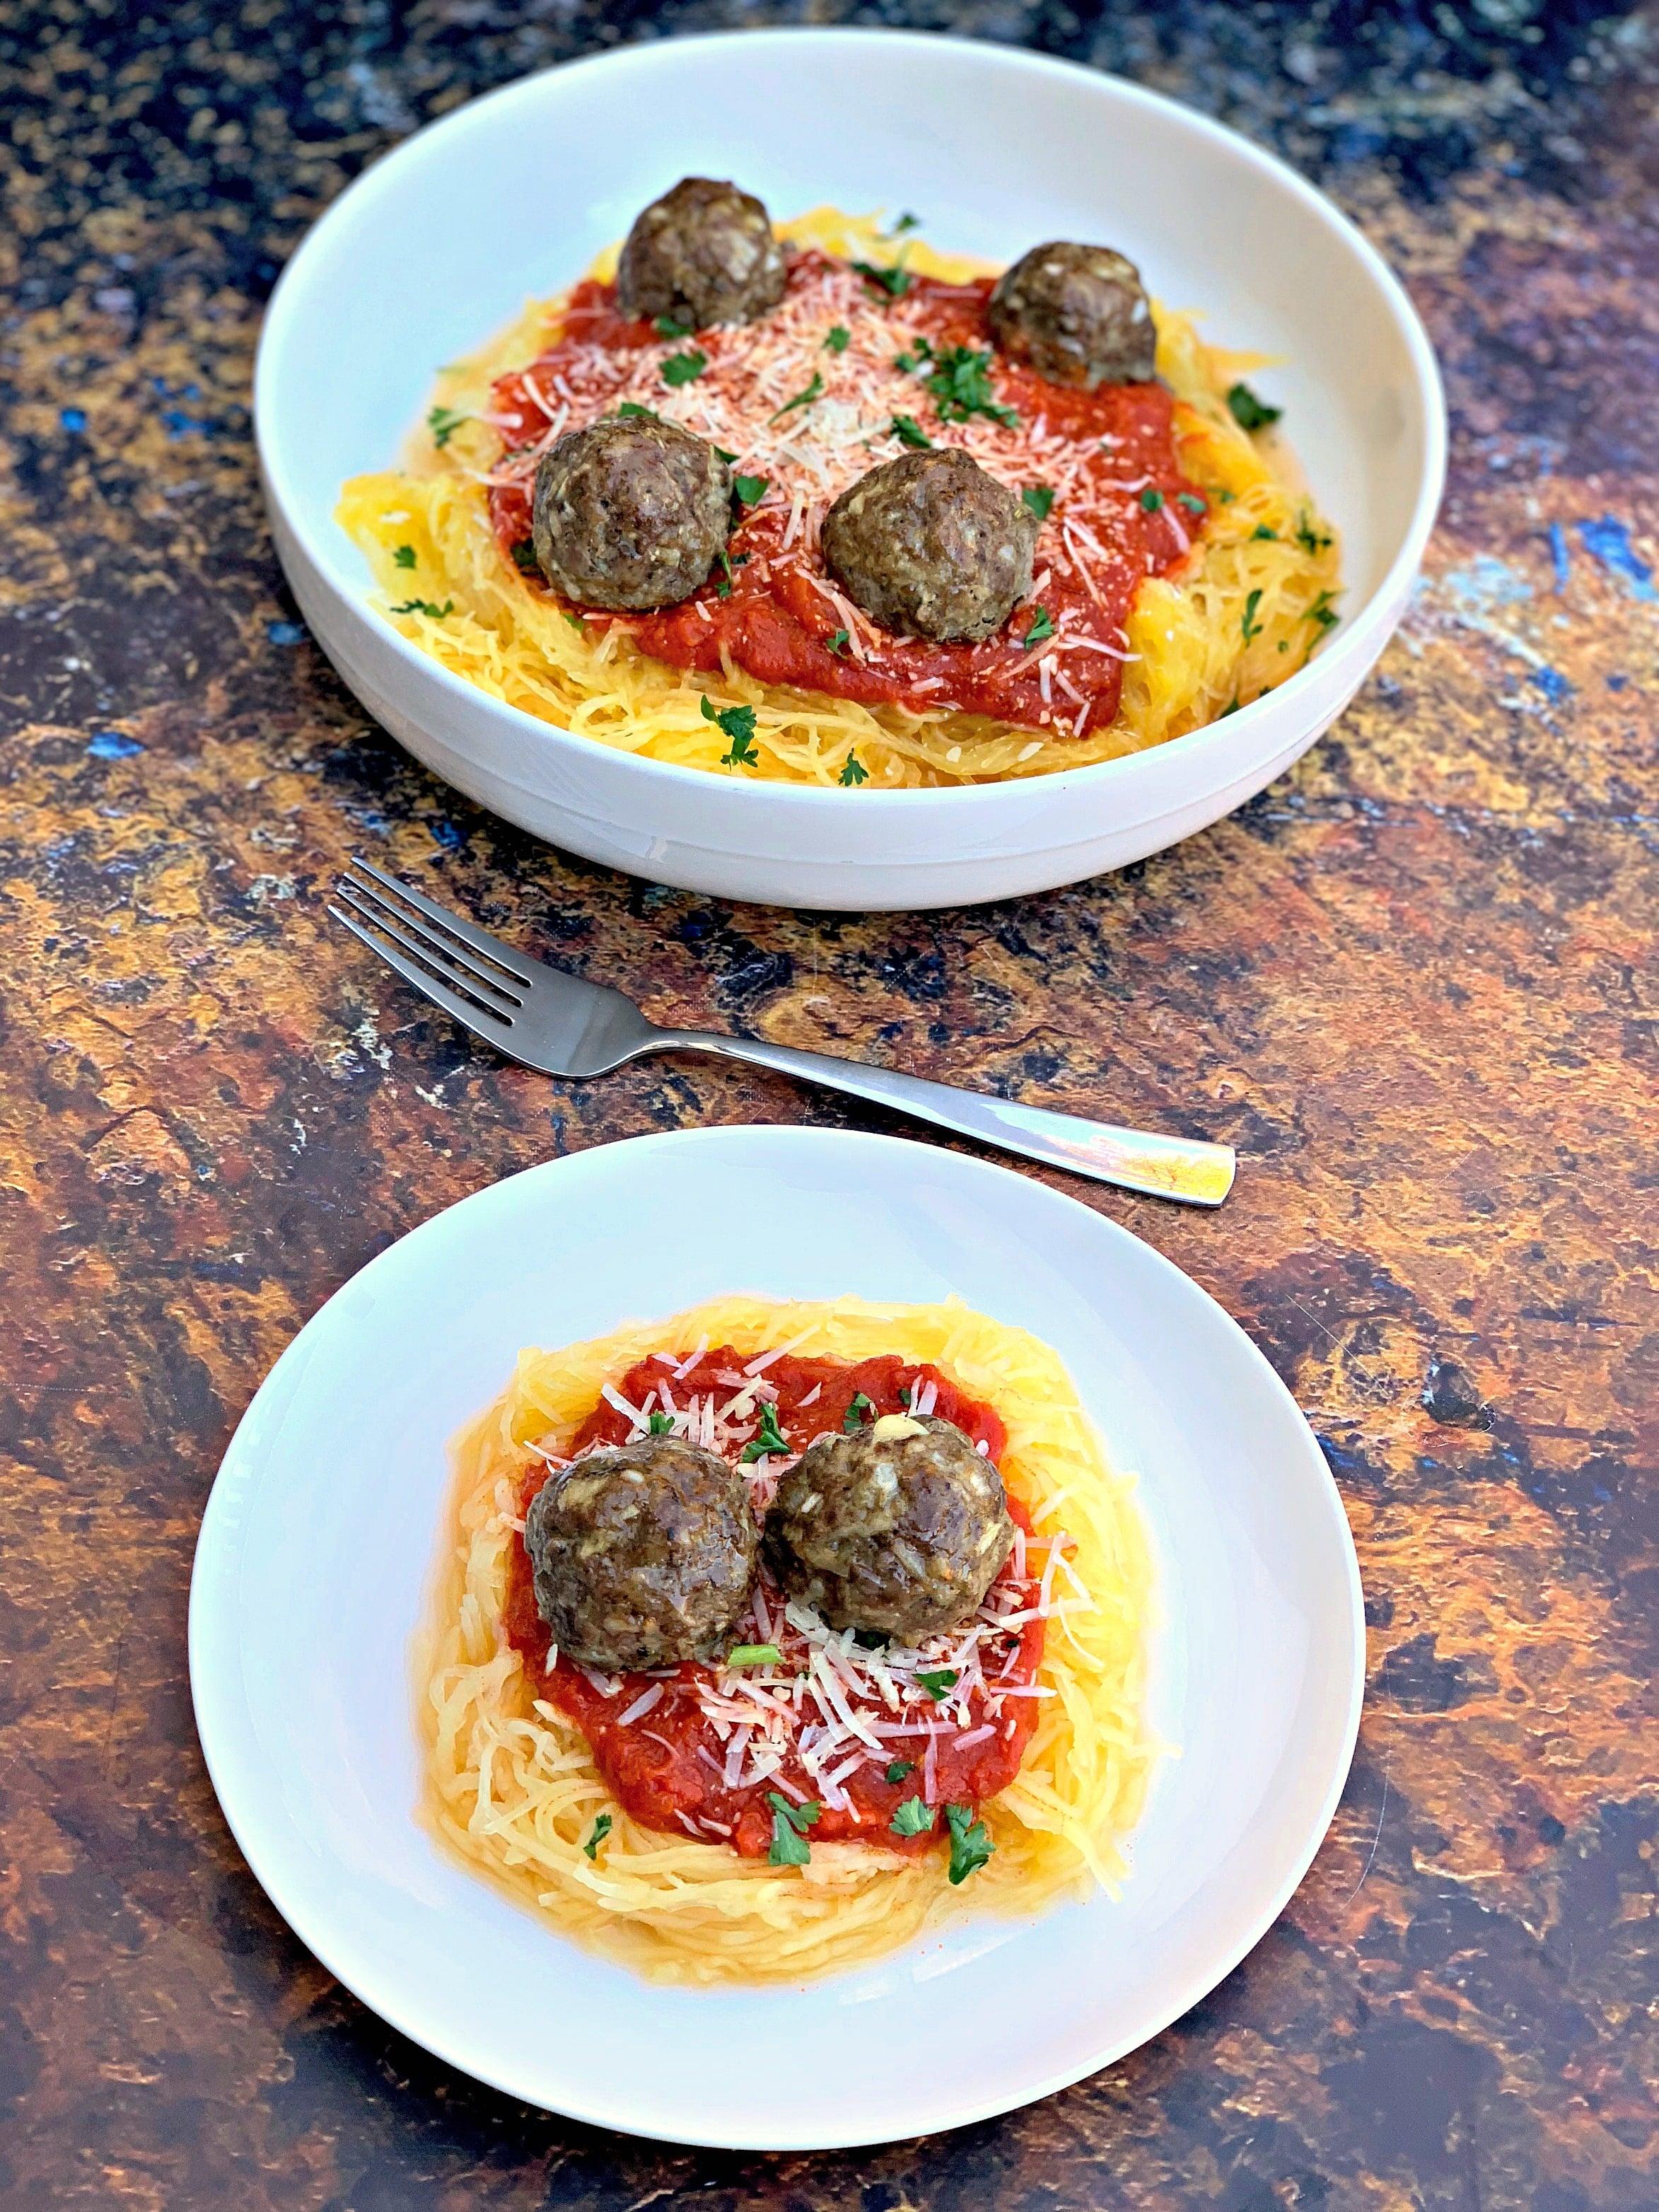 spaghetti squash marinara in a white bowl with a white plate